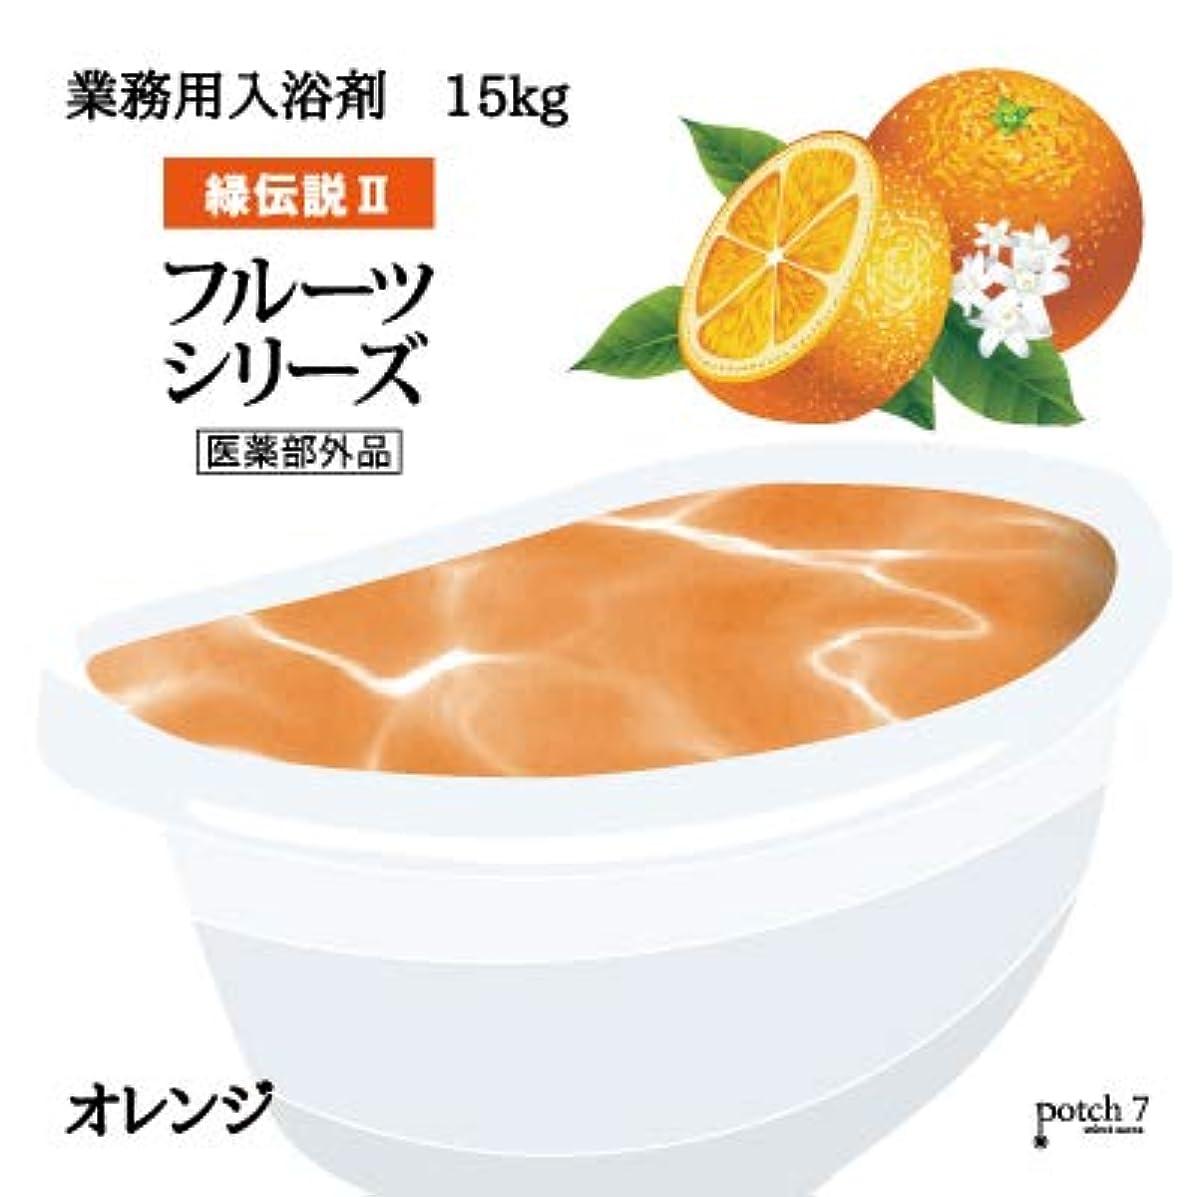 マオリリーダーシップフィドル業務用入浴剤「オレンジ」15Kg(7.5Kgx2袋入)GYM-OR